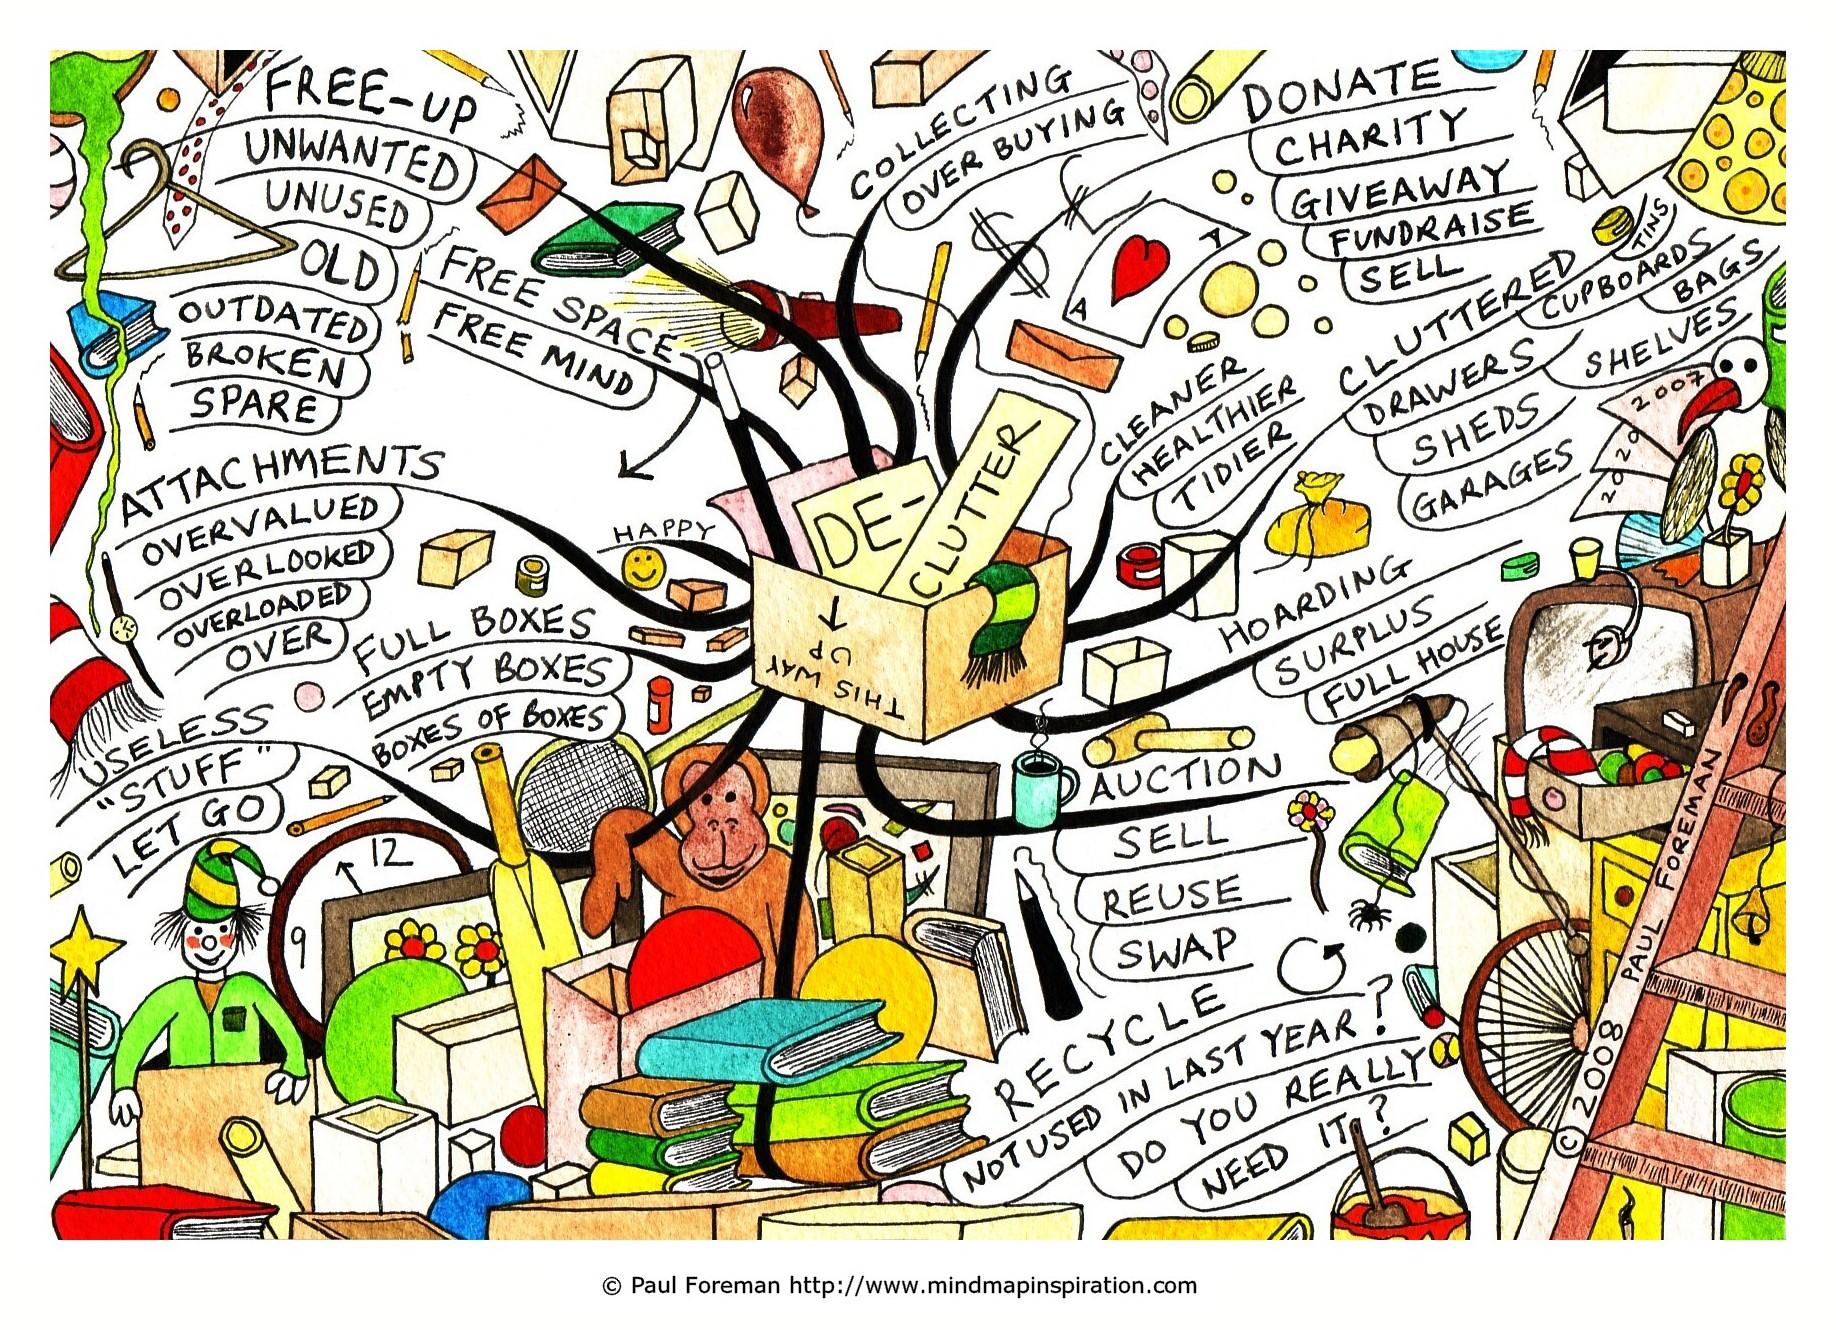 De-Clutter Mind Map